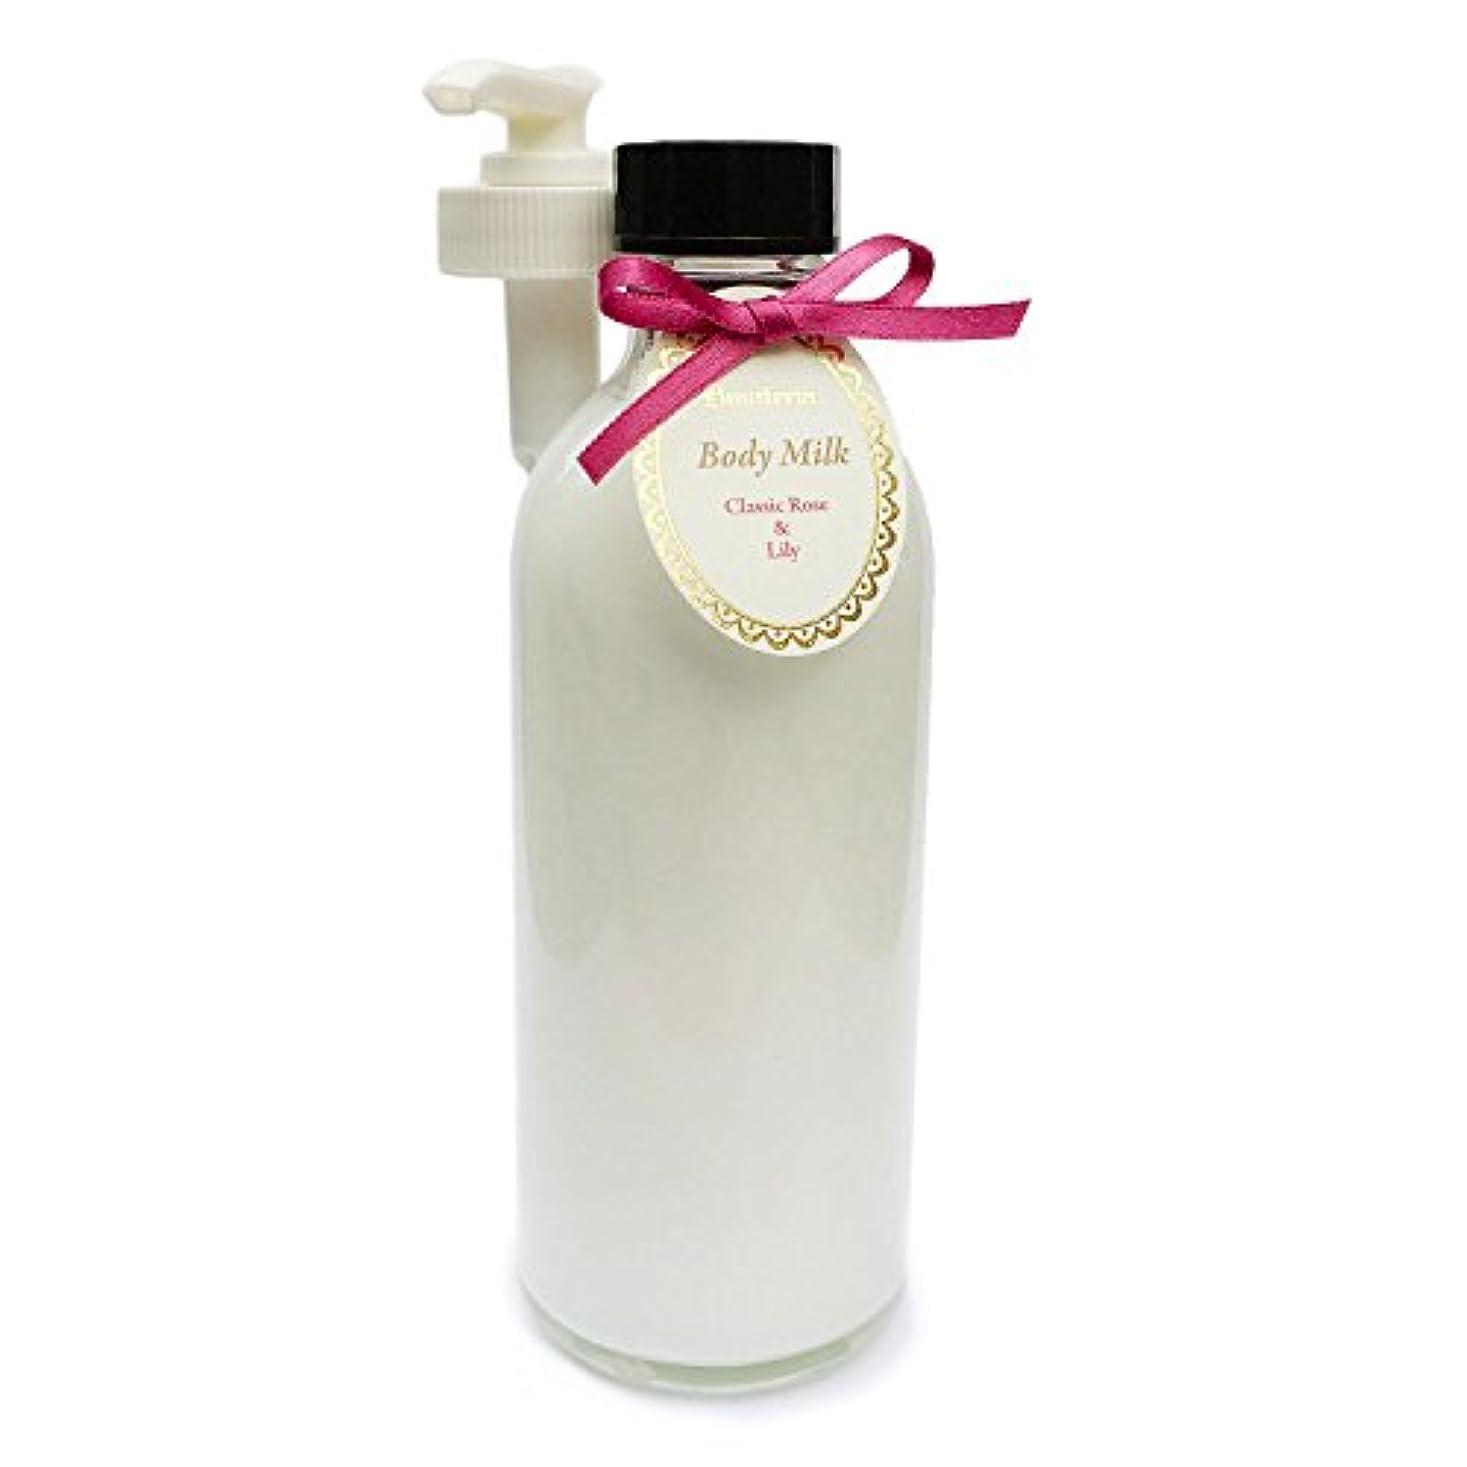 きゅうり固体酸度D materia ボディミルク クラシックローズ&リリー Classic Rose&Lily Body Milk ディーマテリア